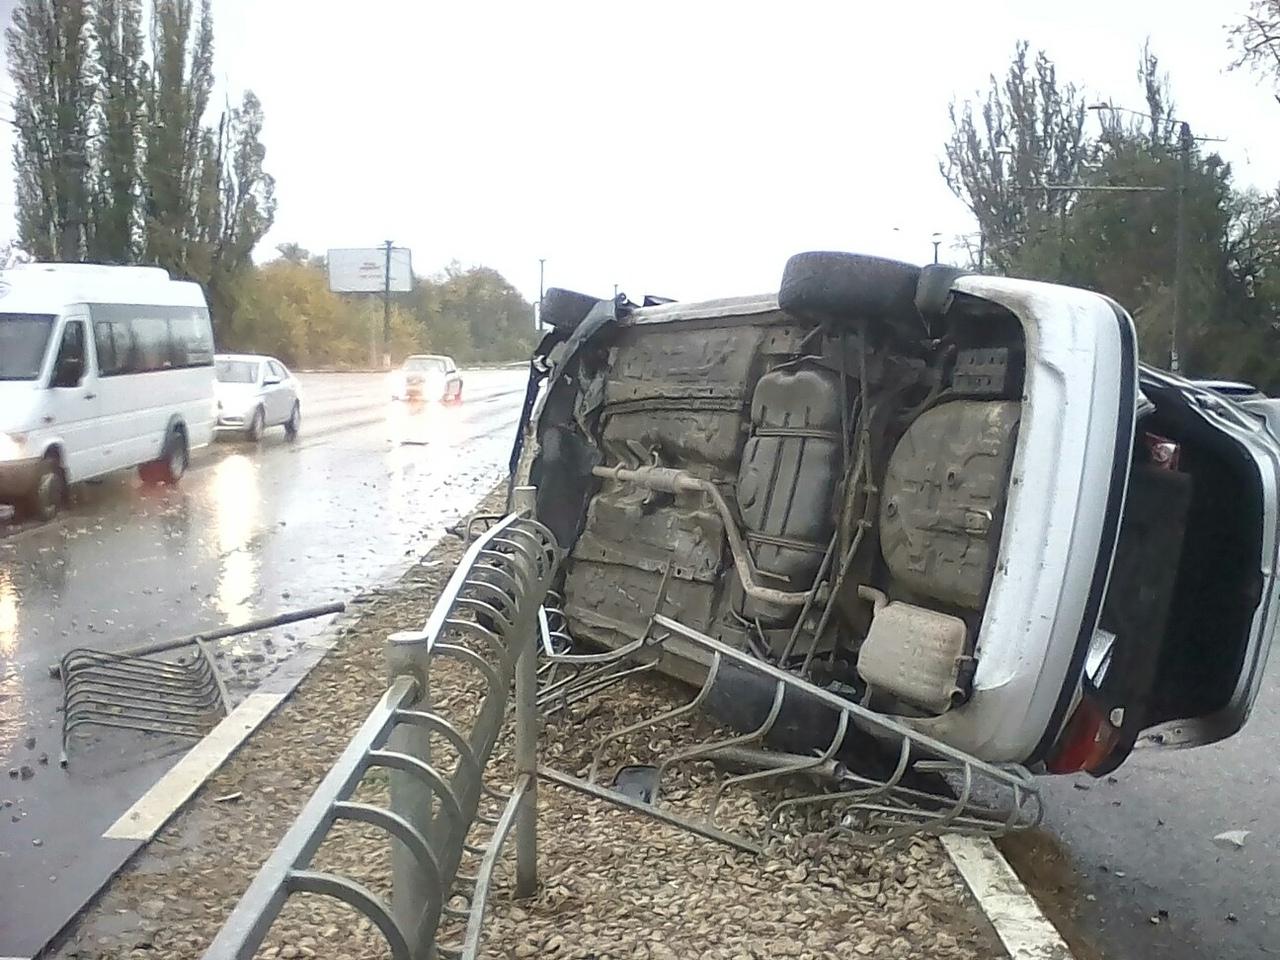 «Снесла забор, а на асфальте много крови»: на скользкой дороге в Крыму перевернулась легковушка